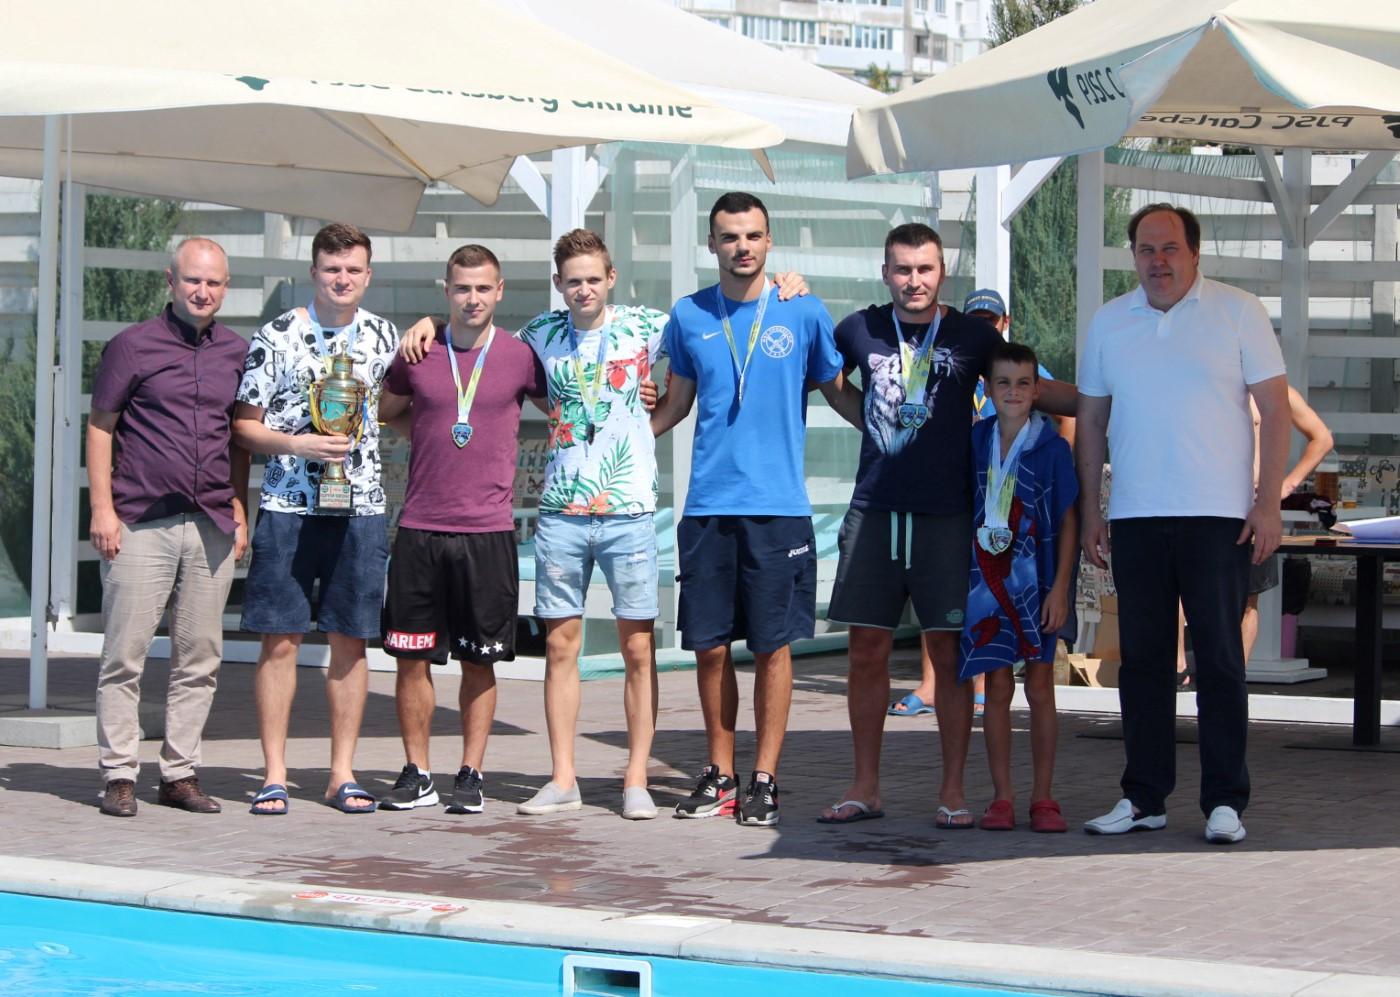 6 вересня відбулсь нагородження переможців та призерів відкритого чемпіонату АФХО сезону 2019/2020 +ВІДЕО